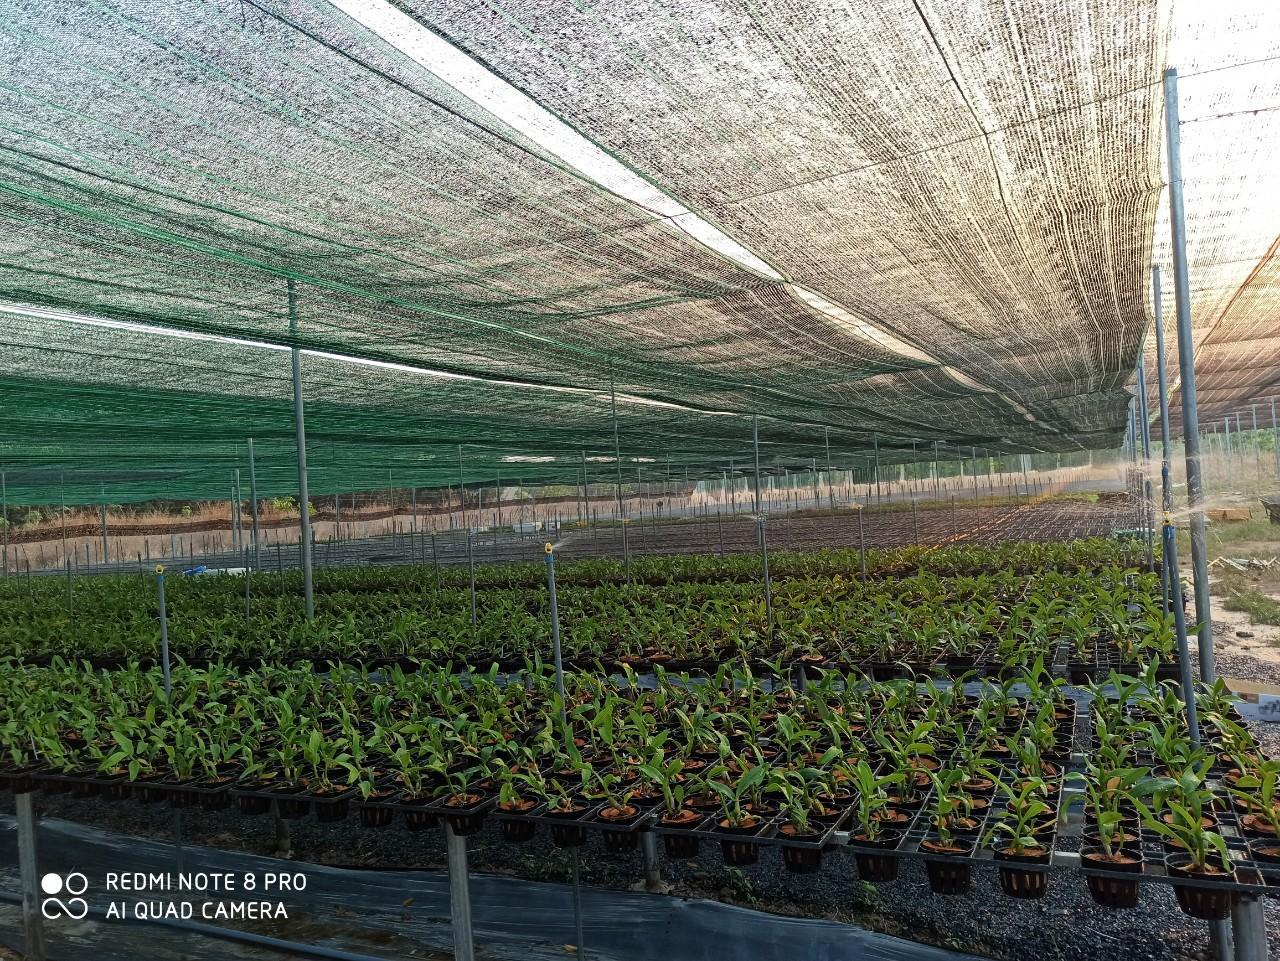 Lưới che nắng hoa hướng dương, Lưới che chắn côn trùng, Mua lưới che nắng, Lê Hà Vina, lưới che nắng nhãn hiệu Hoa Hướng Dương